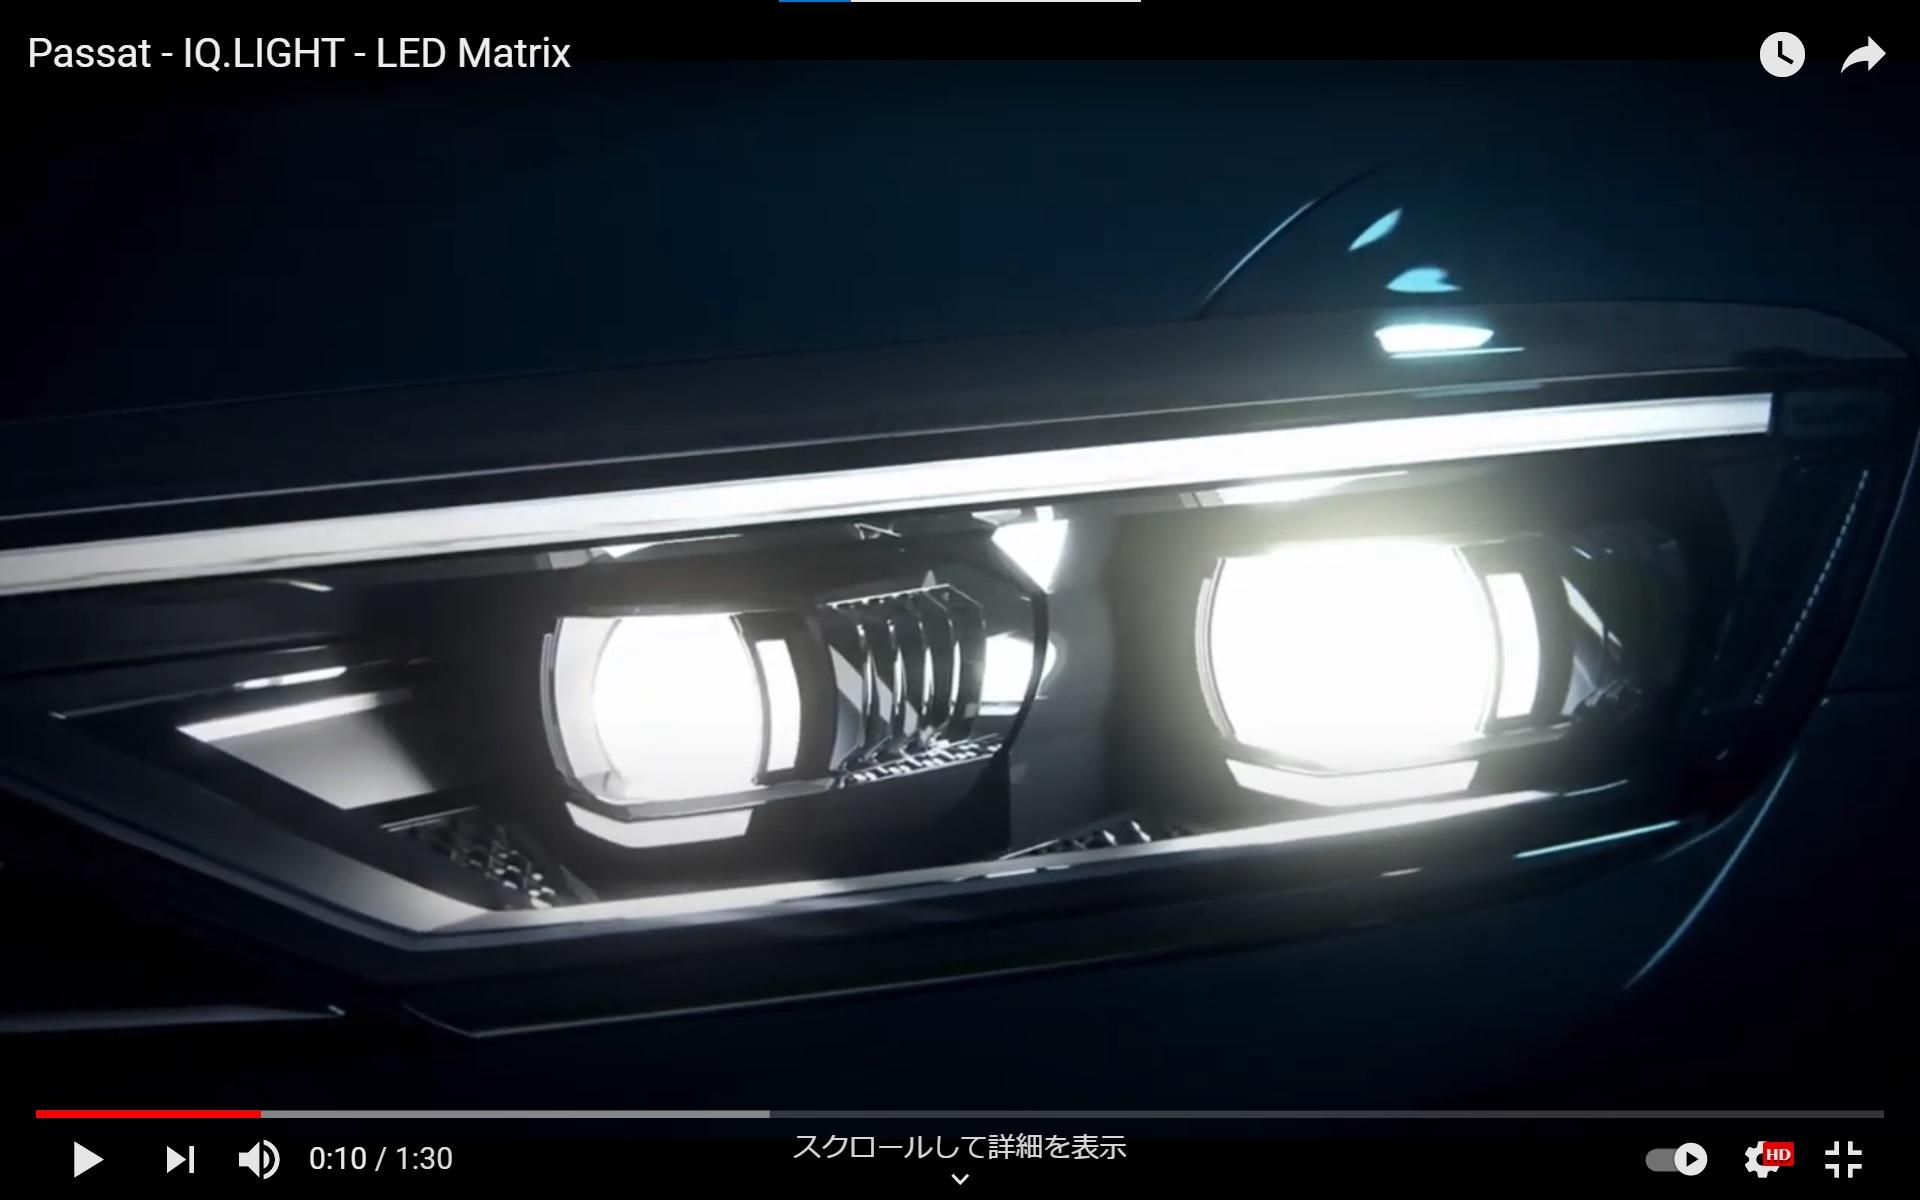 VW パサート IQ.LIGHT